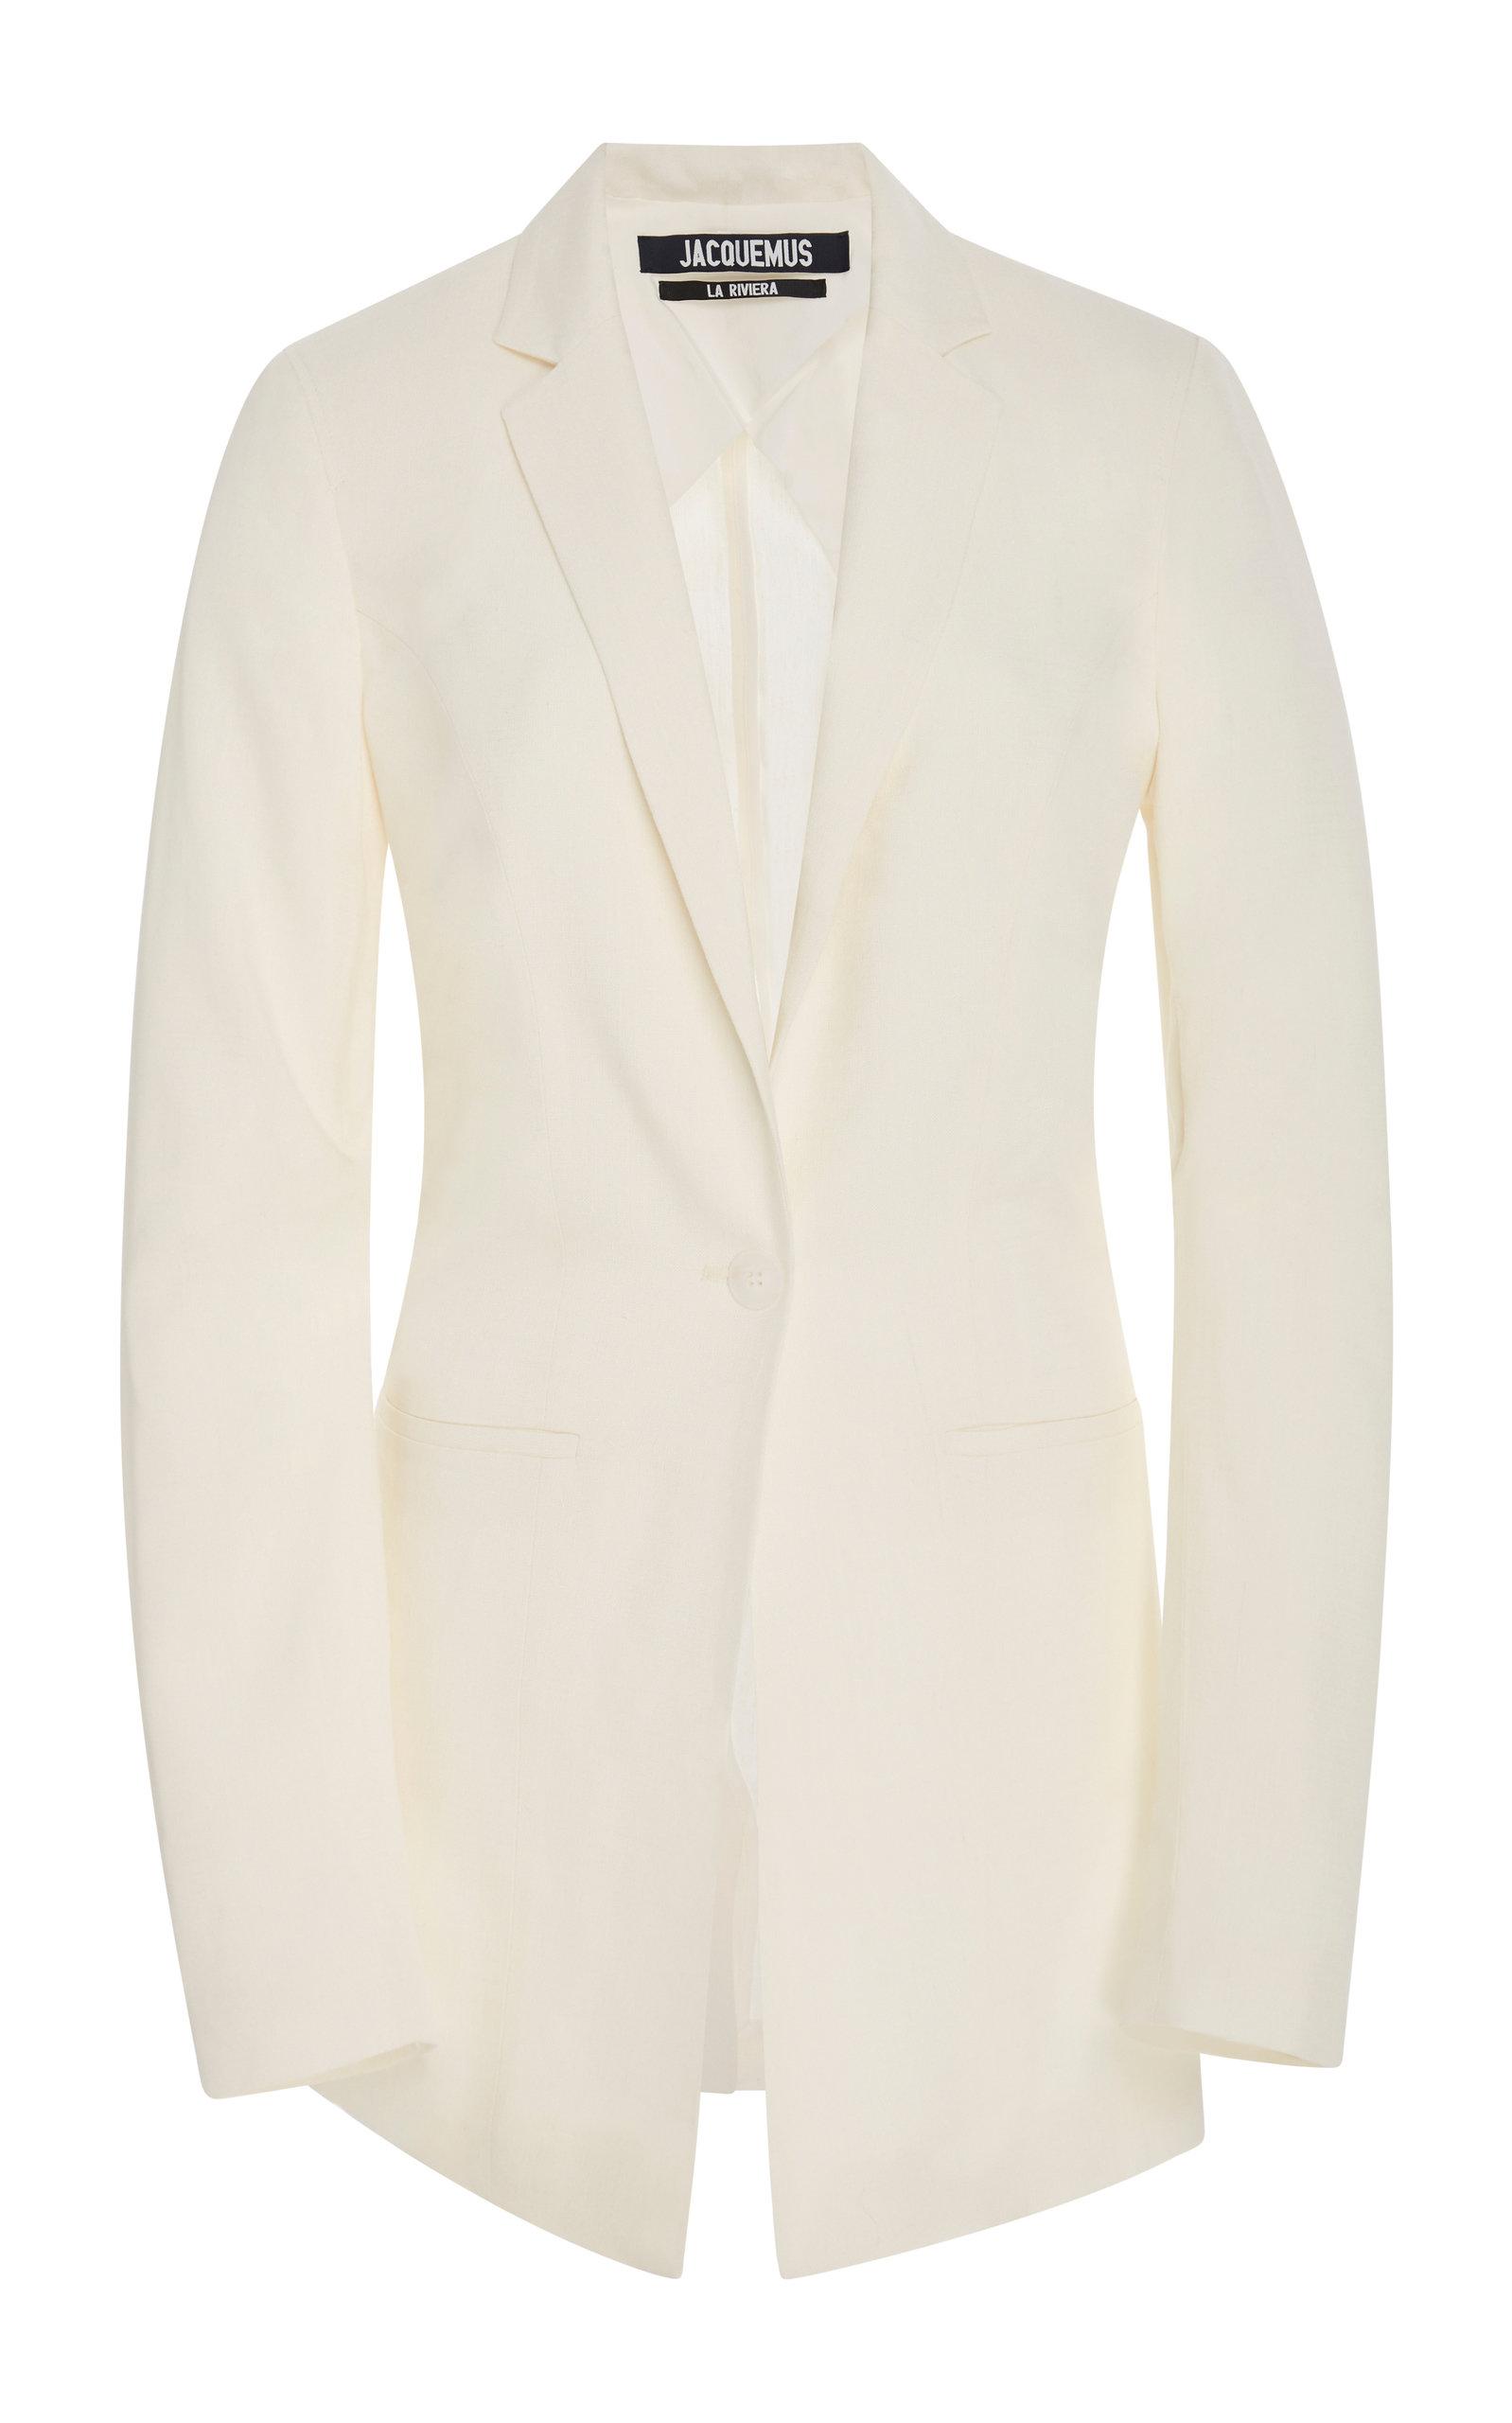 Jacquemus Crepe De Chine Blazer In White